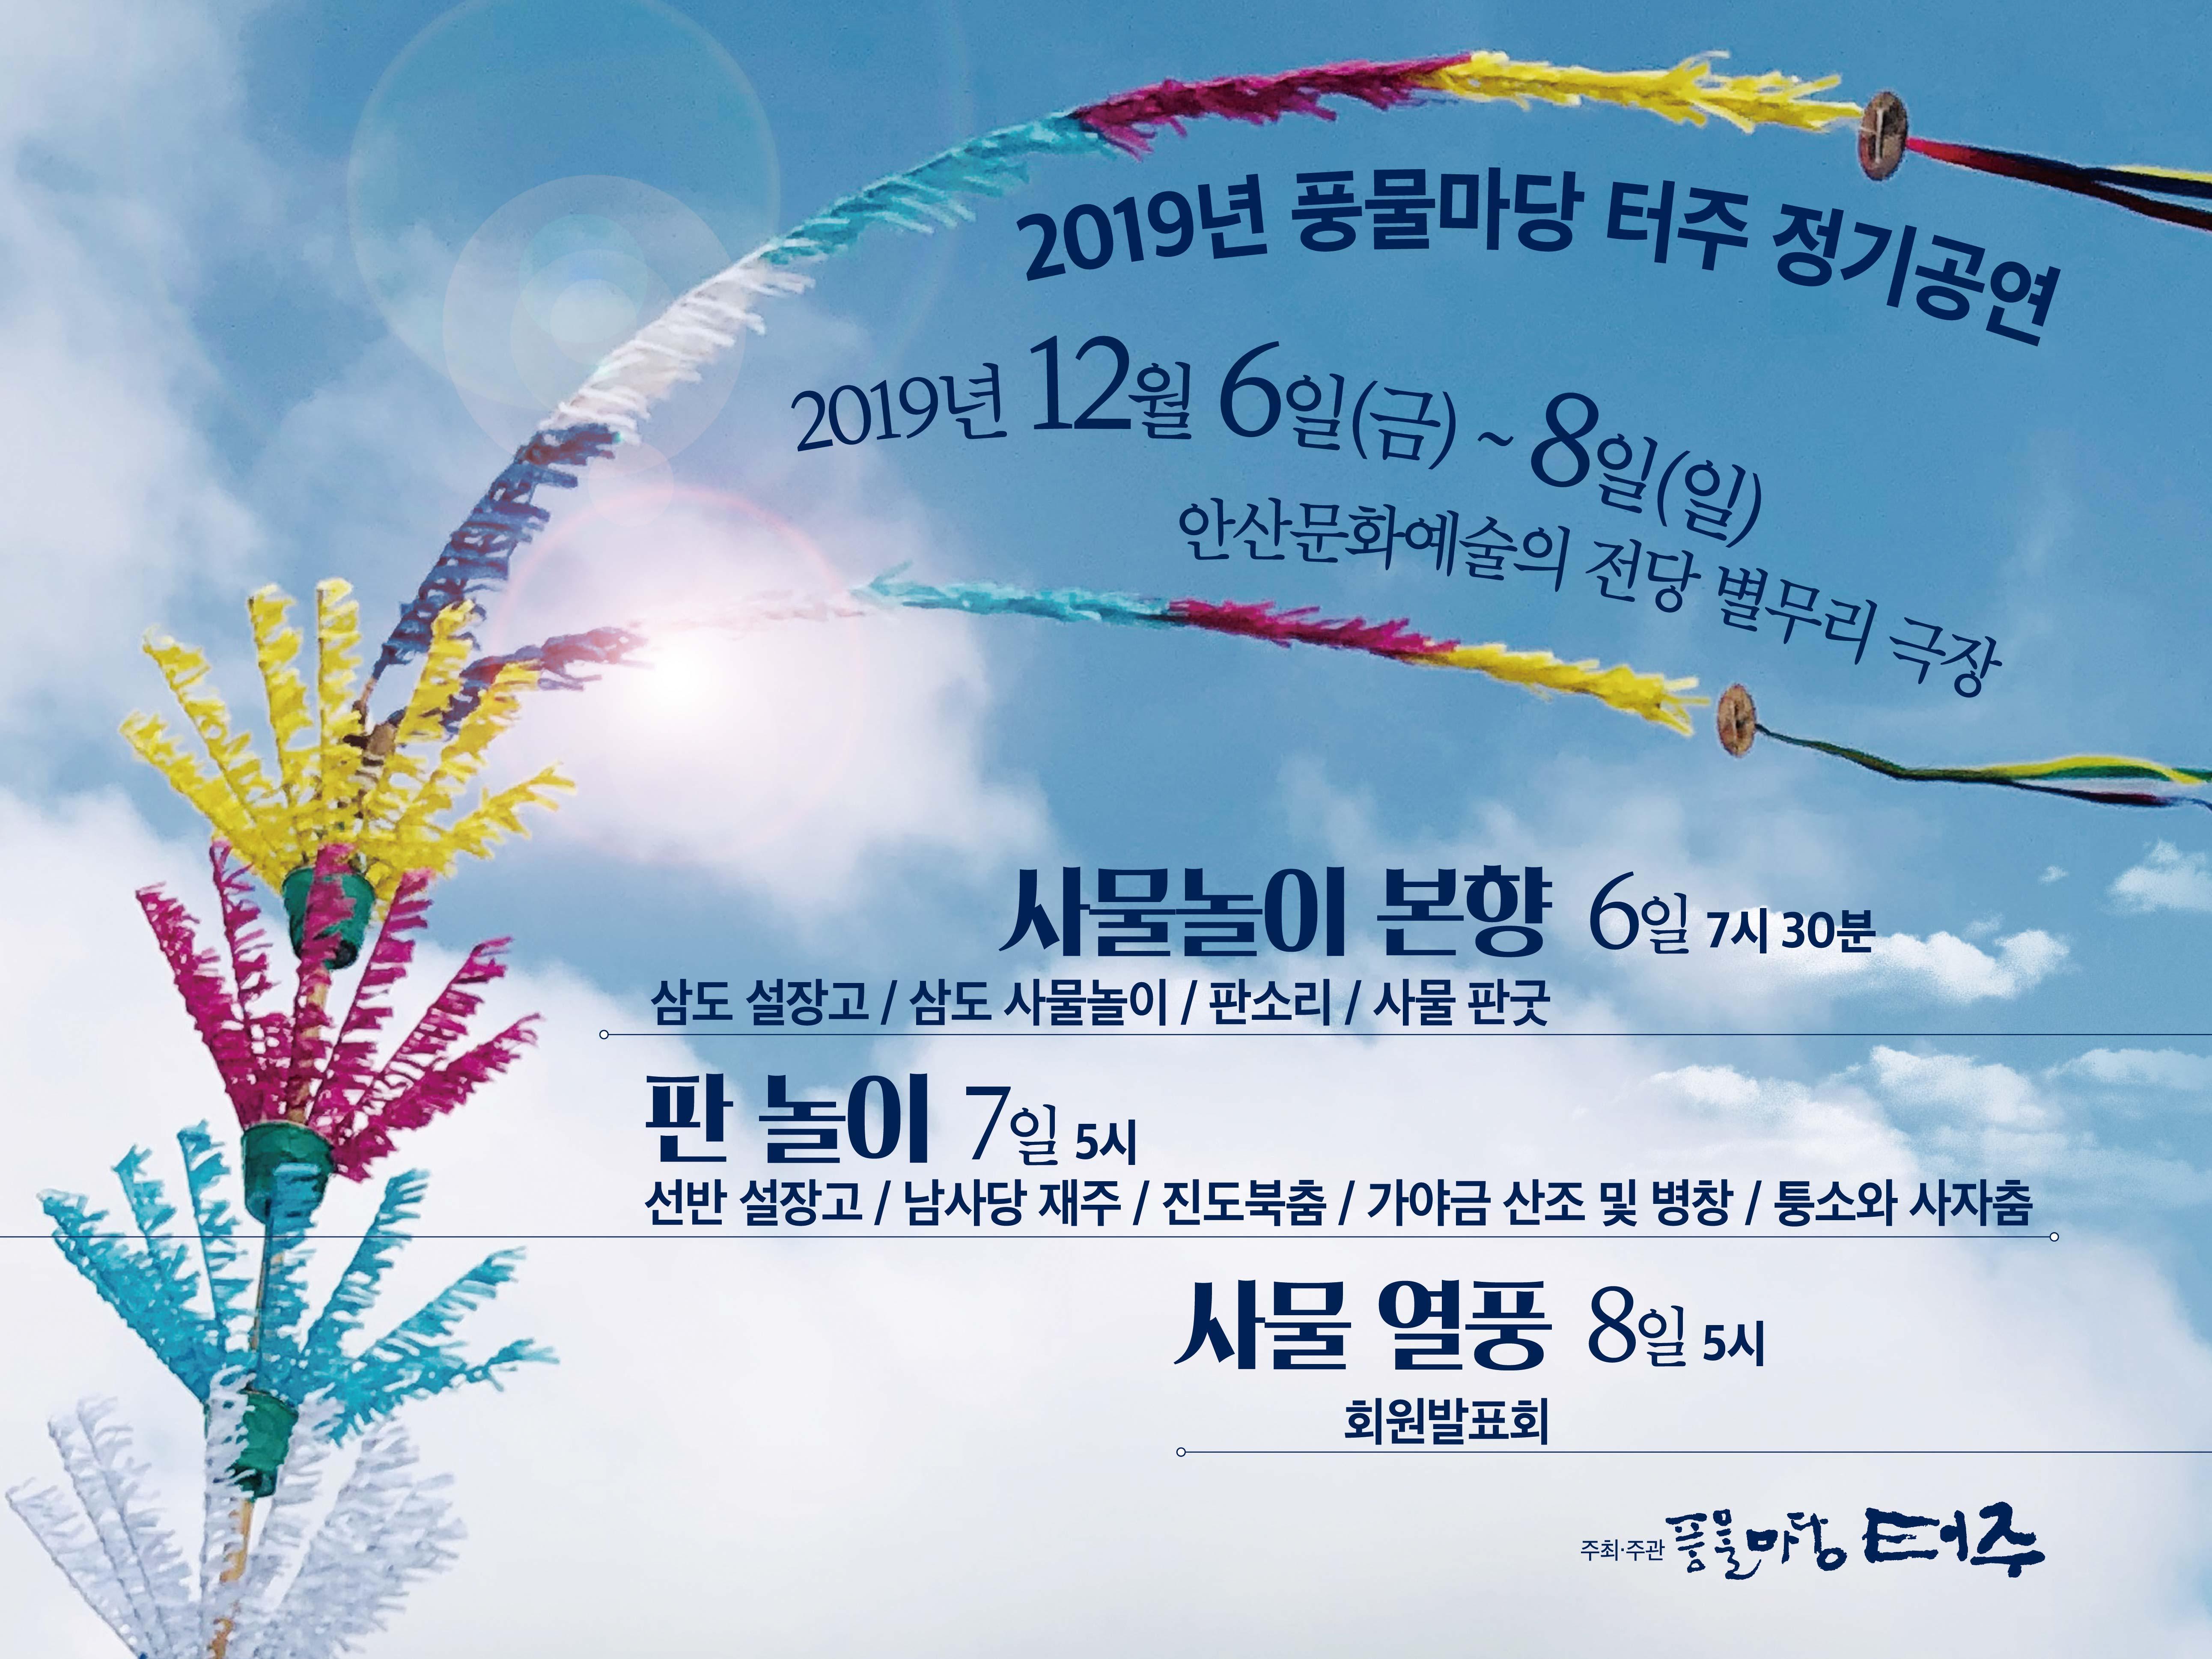 2019년 풍물마당 터주 정기공연